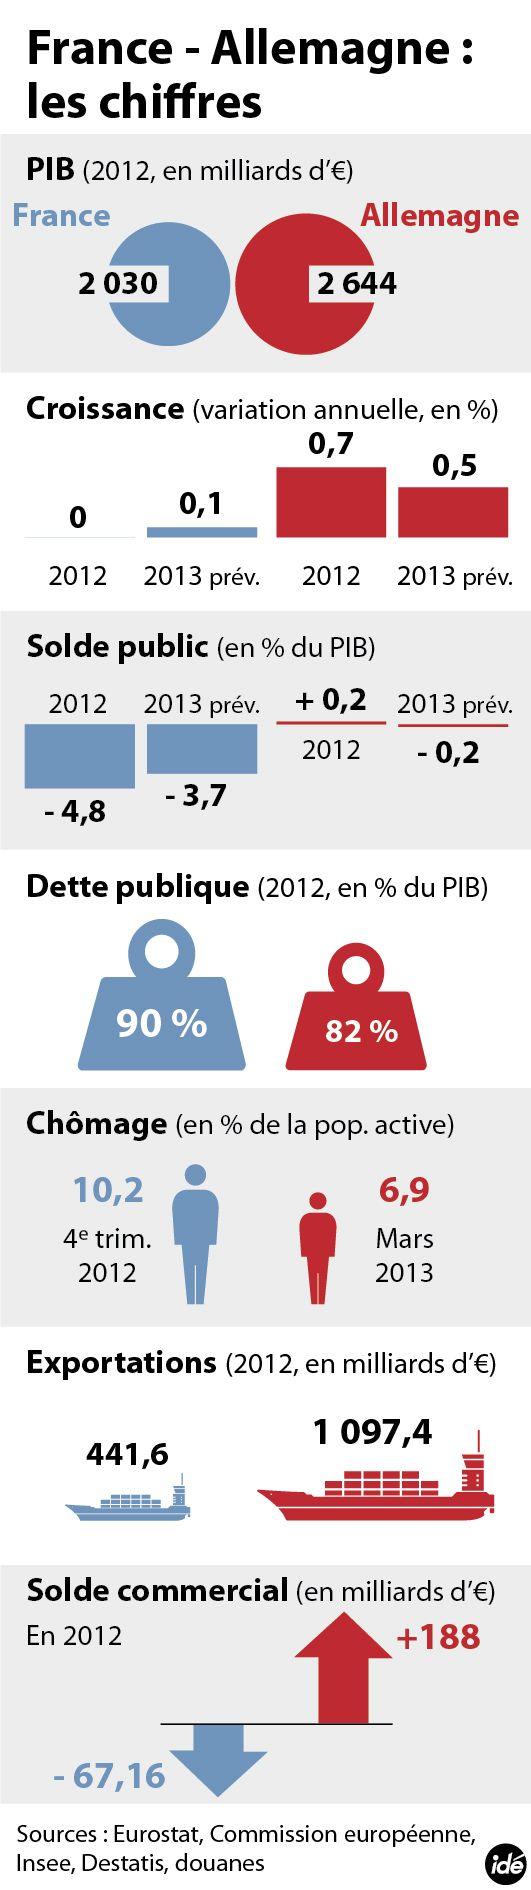 INFOGRAPHIE - France - Allemagne en chiffres - politique - DirectMatin.fr